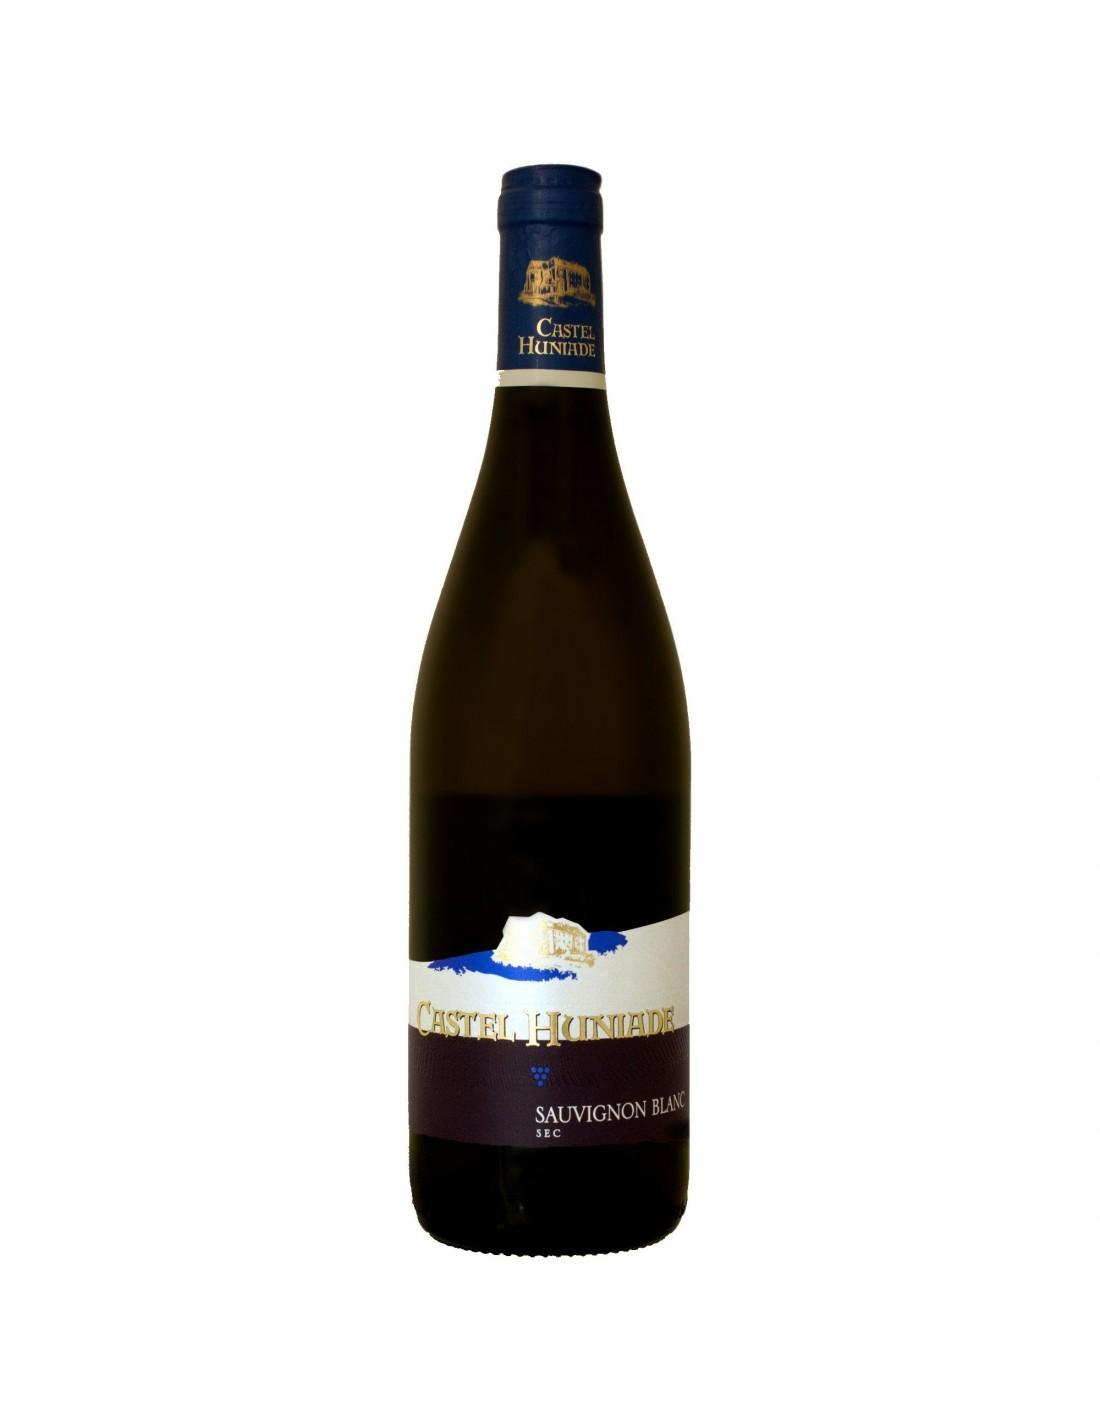 Vin alb sec, Sauvignon Blanc, Castel Huniade Recas, 0.75L, 12.5% alc., Romania